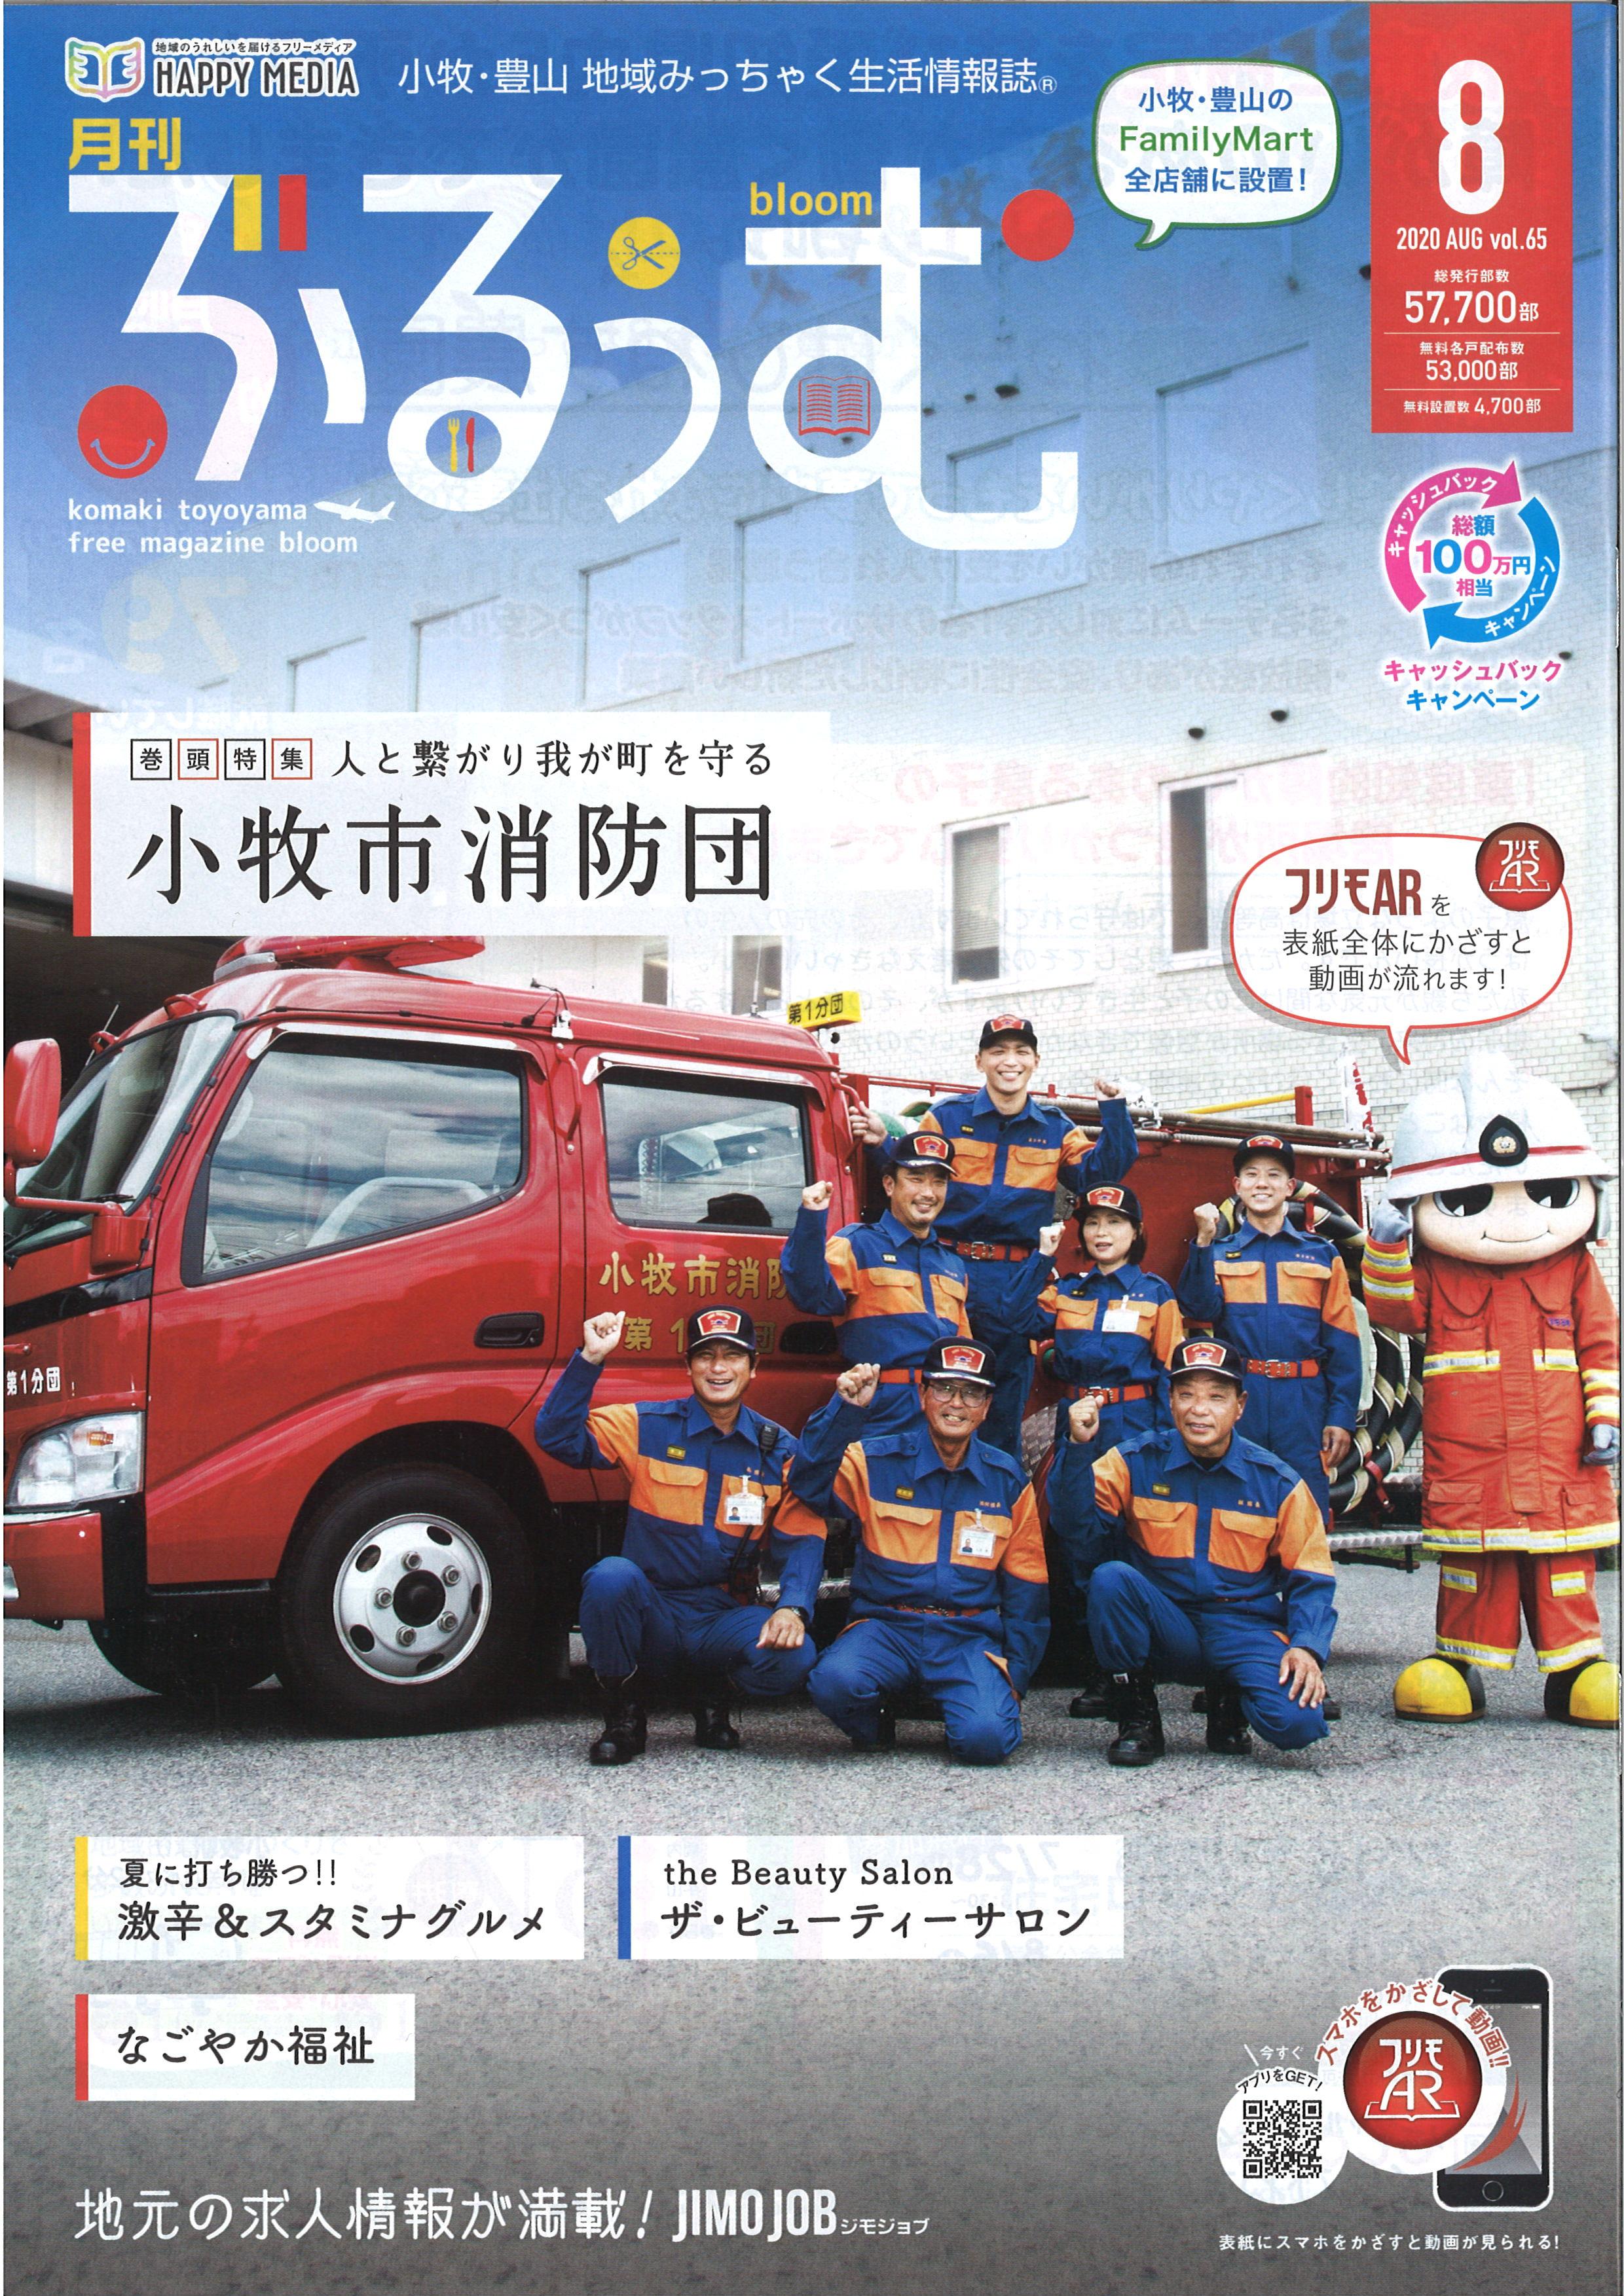 2020 AUG vol.65【ぶるうむ】広告を載せました!